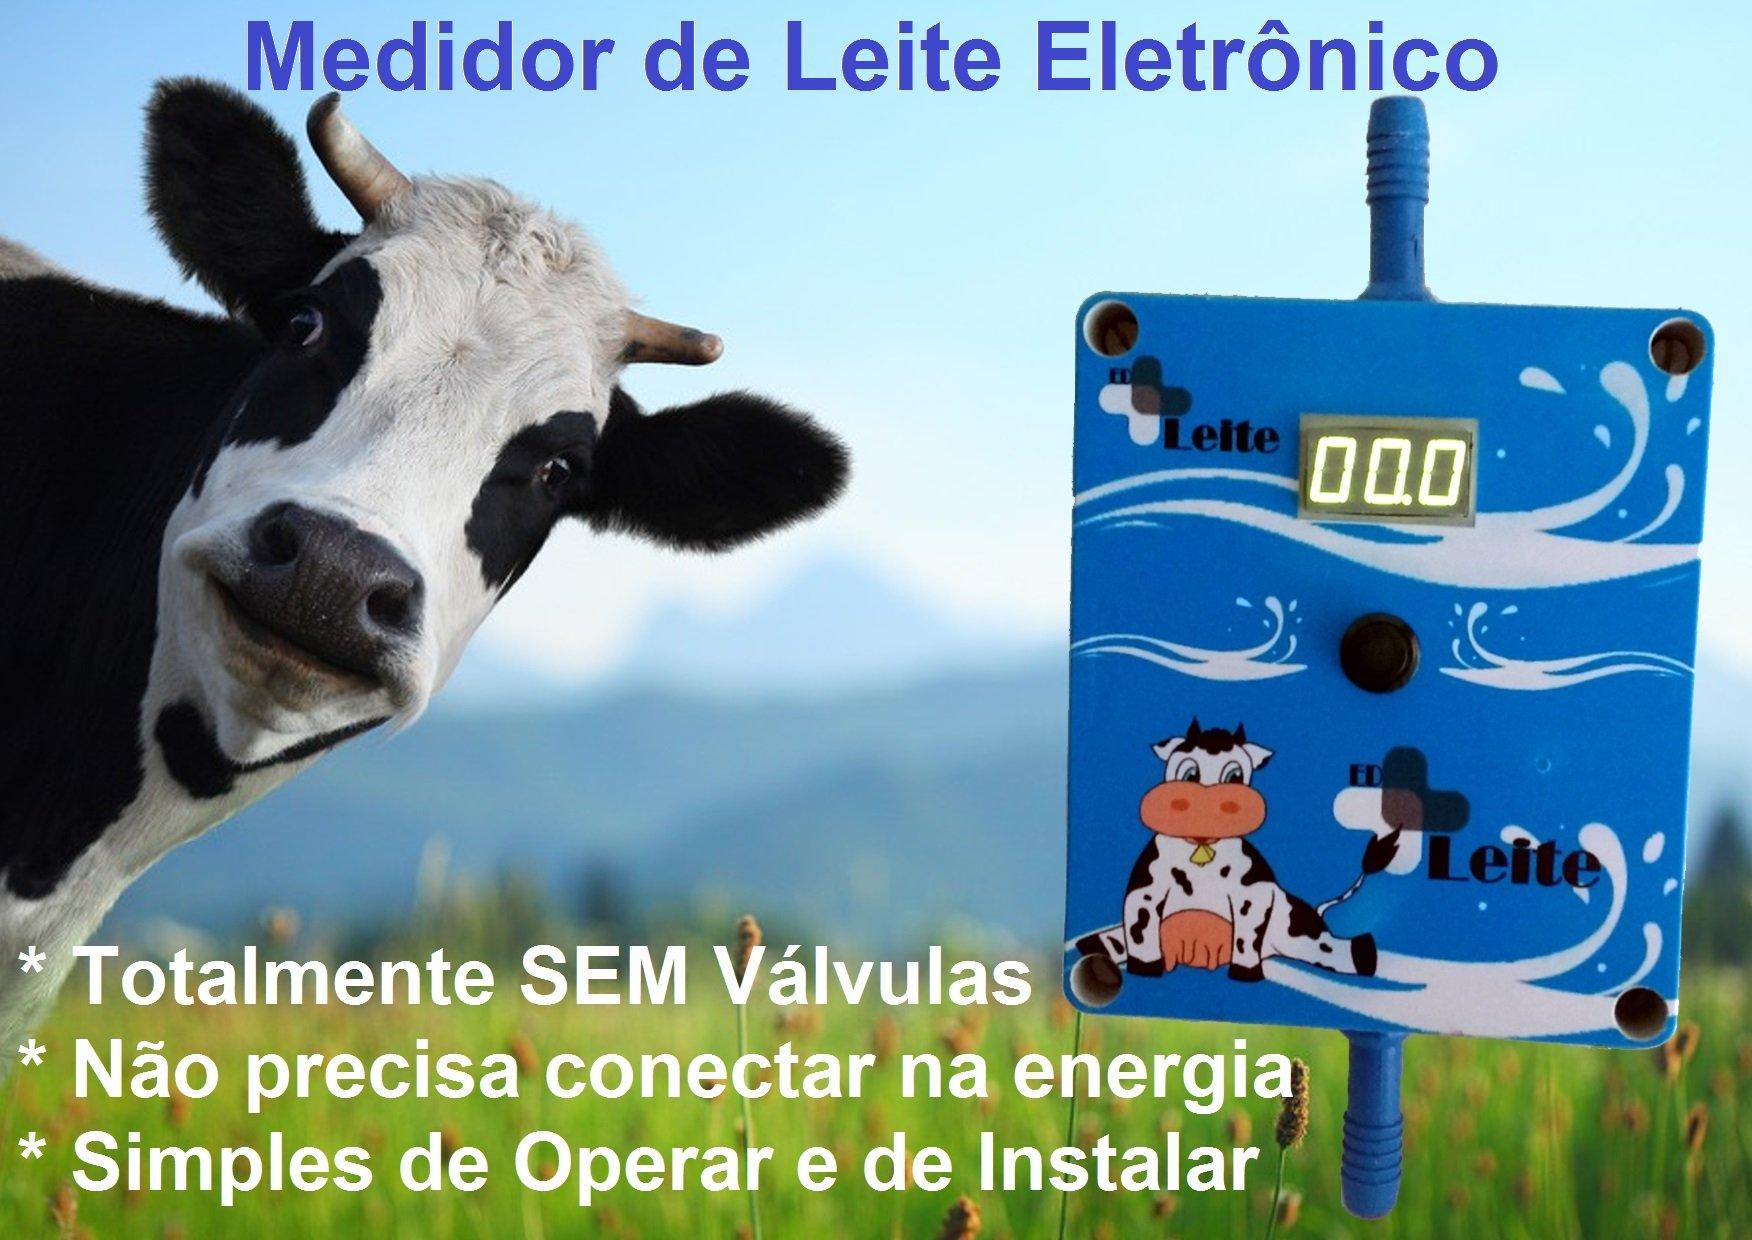 MEDIDOR DE LEITE